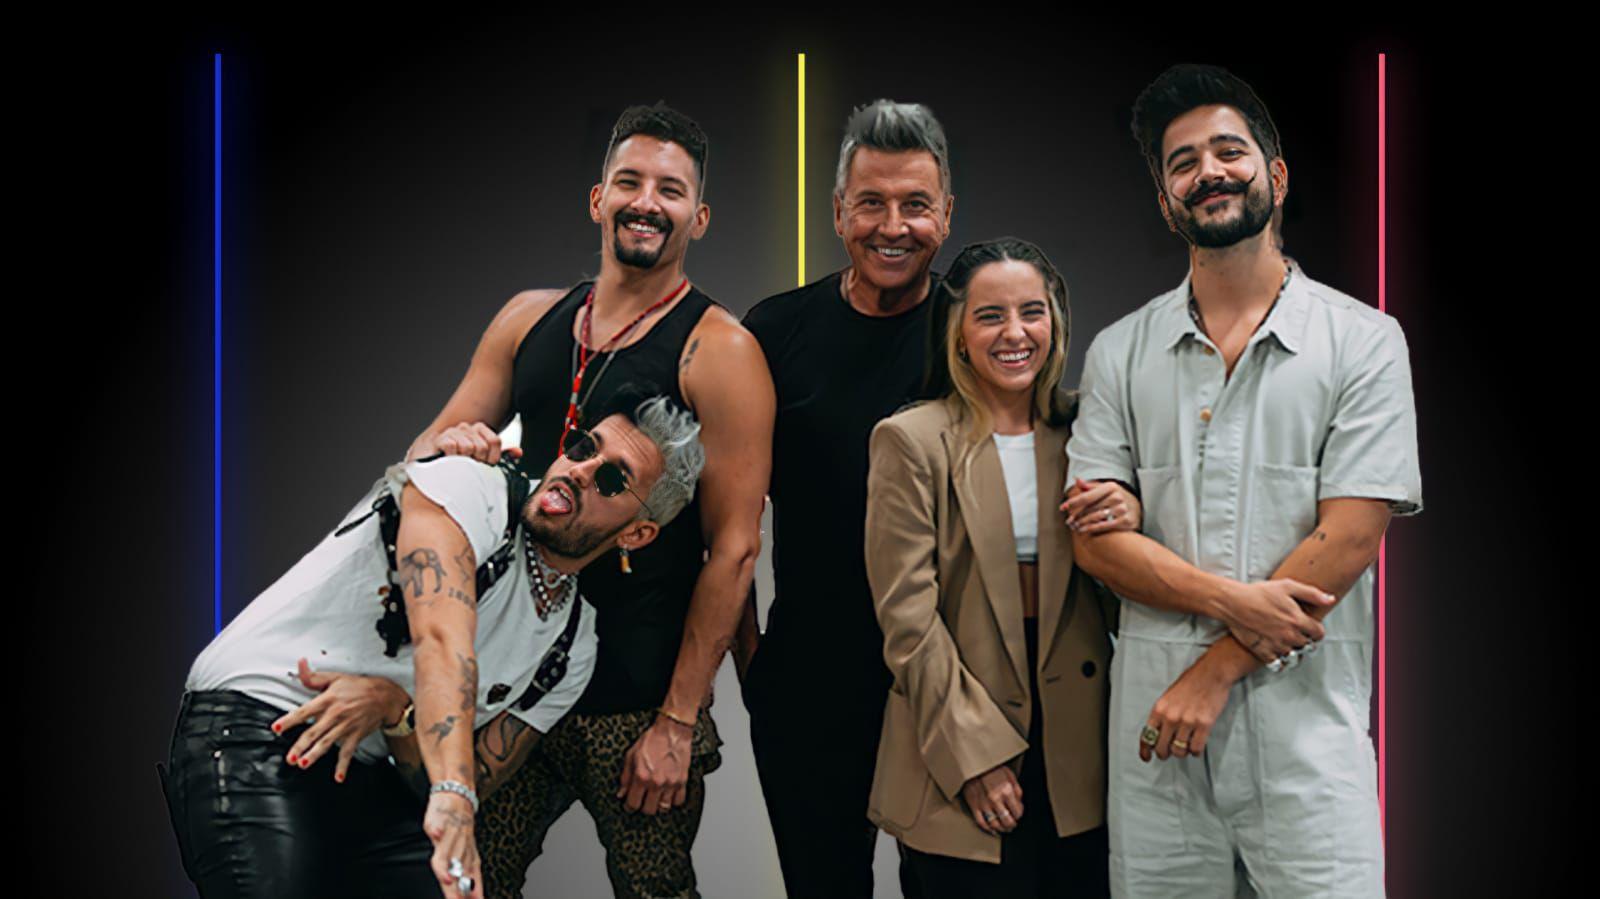 Mau&Ricky, Ricardo Montaner, Evaluna y Camilo se unirán en una noche que promete ser mágica.